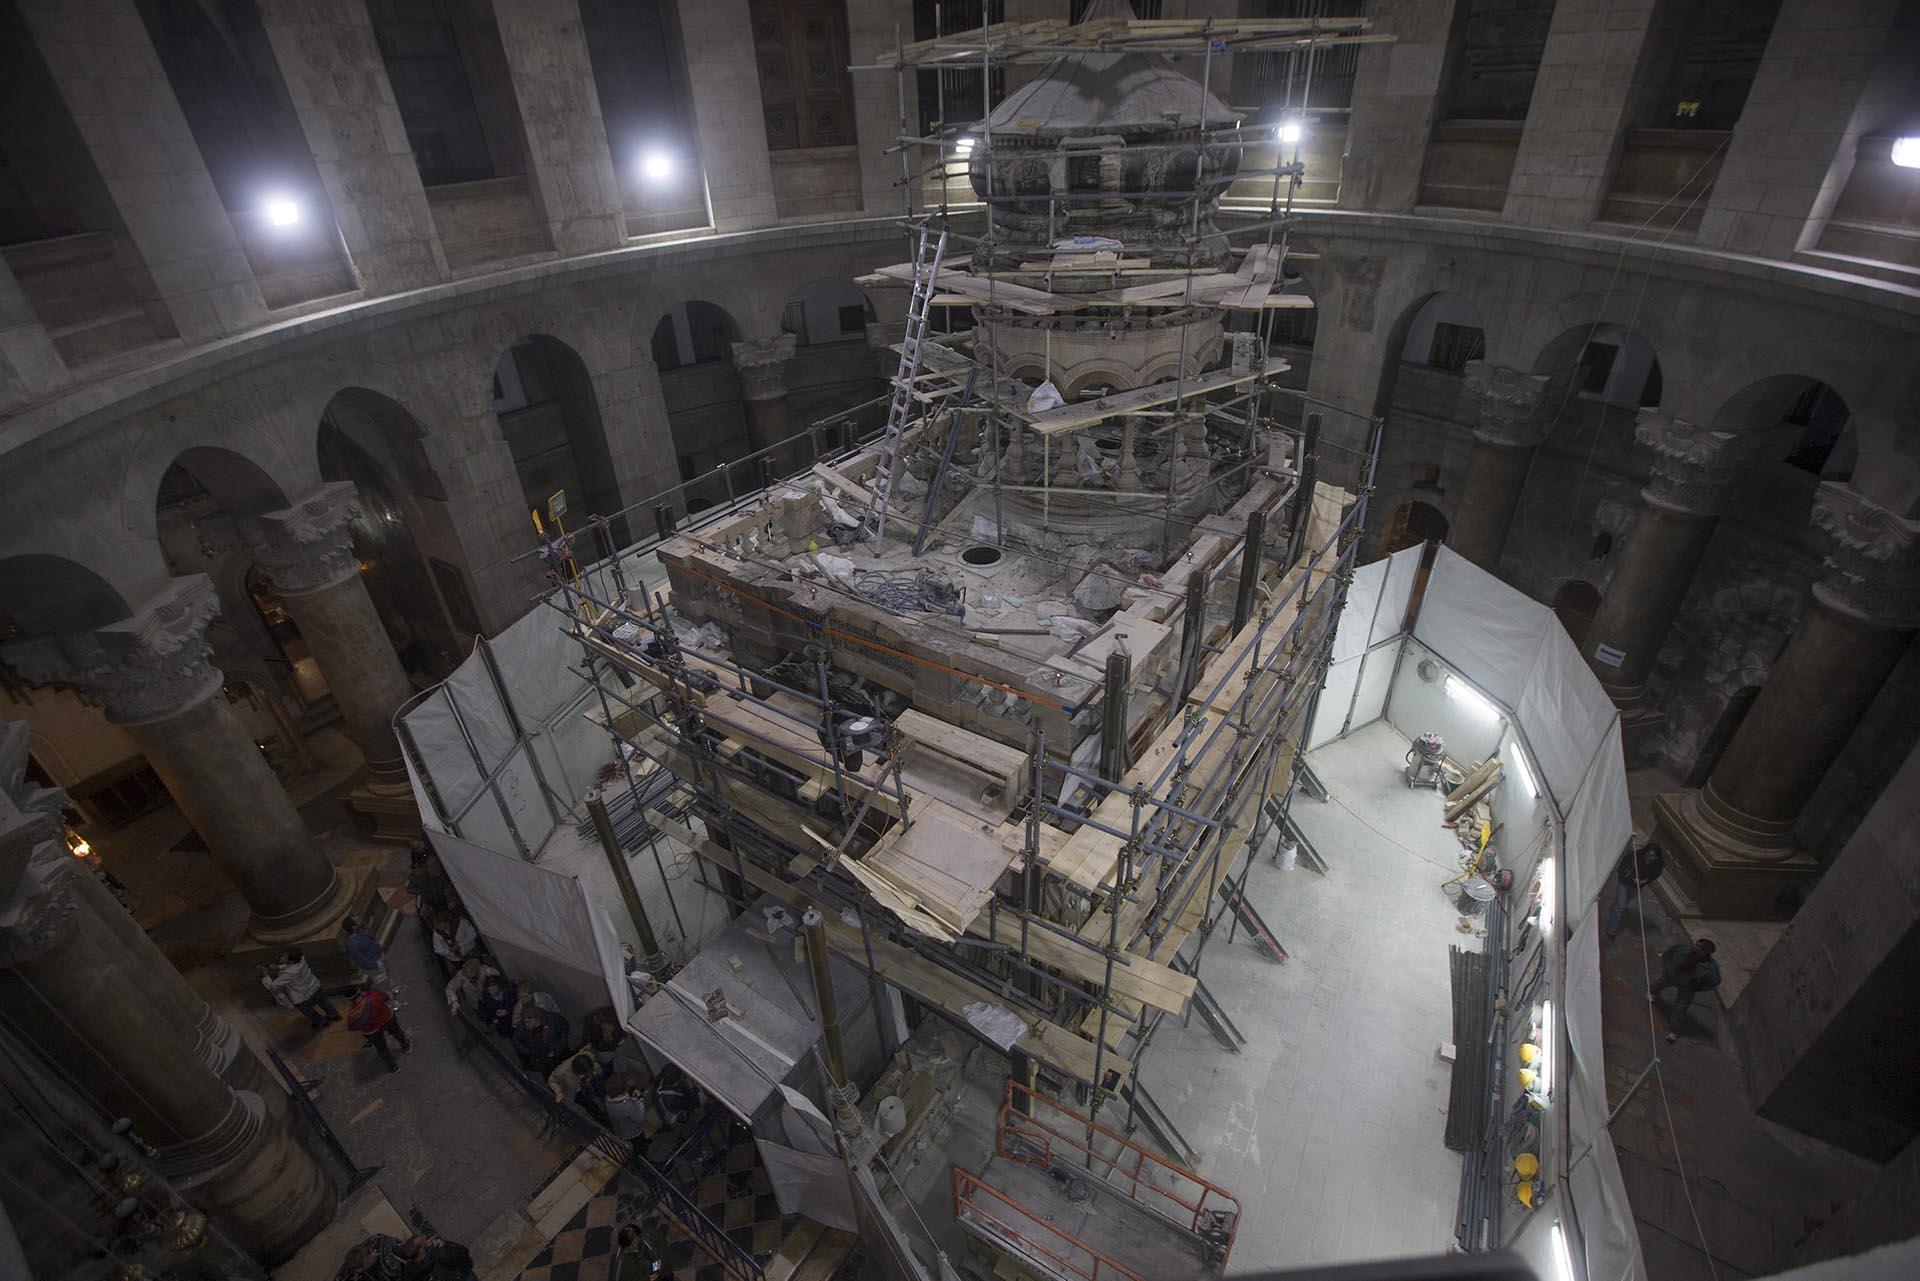 El Santo Sepulcro/Visita virtual /Apertura de la Tumba de Cristo Restauracion-tumba-Jesucristo-Jerusalen-sf-11